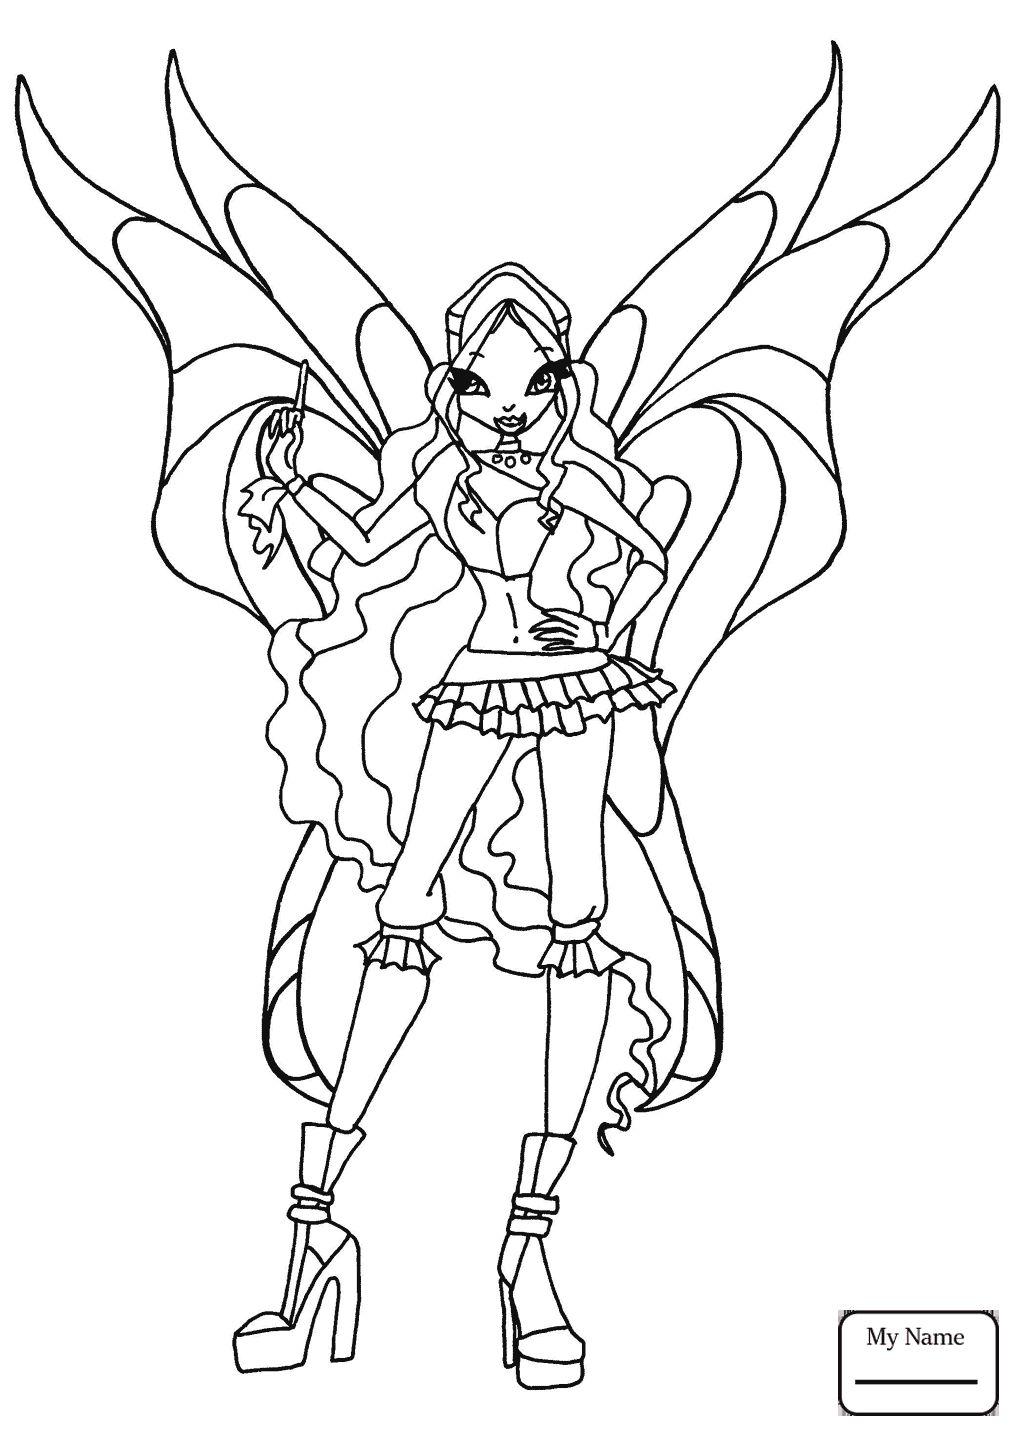 Tranh Tô Màu Công Chúa Winx Layla 2